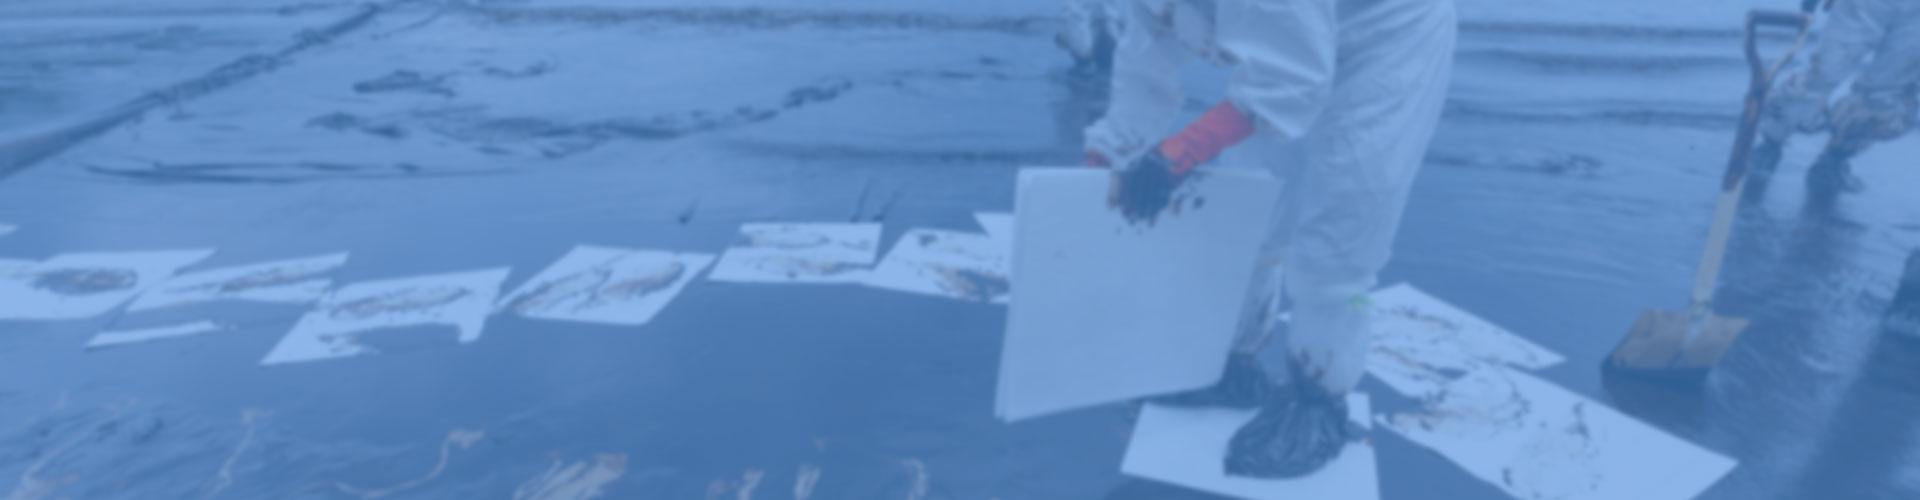 Comment détruire des absorbants usagés ?